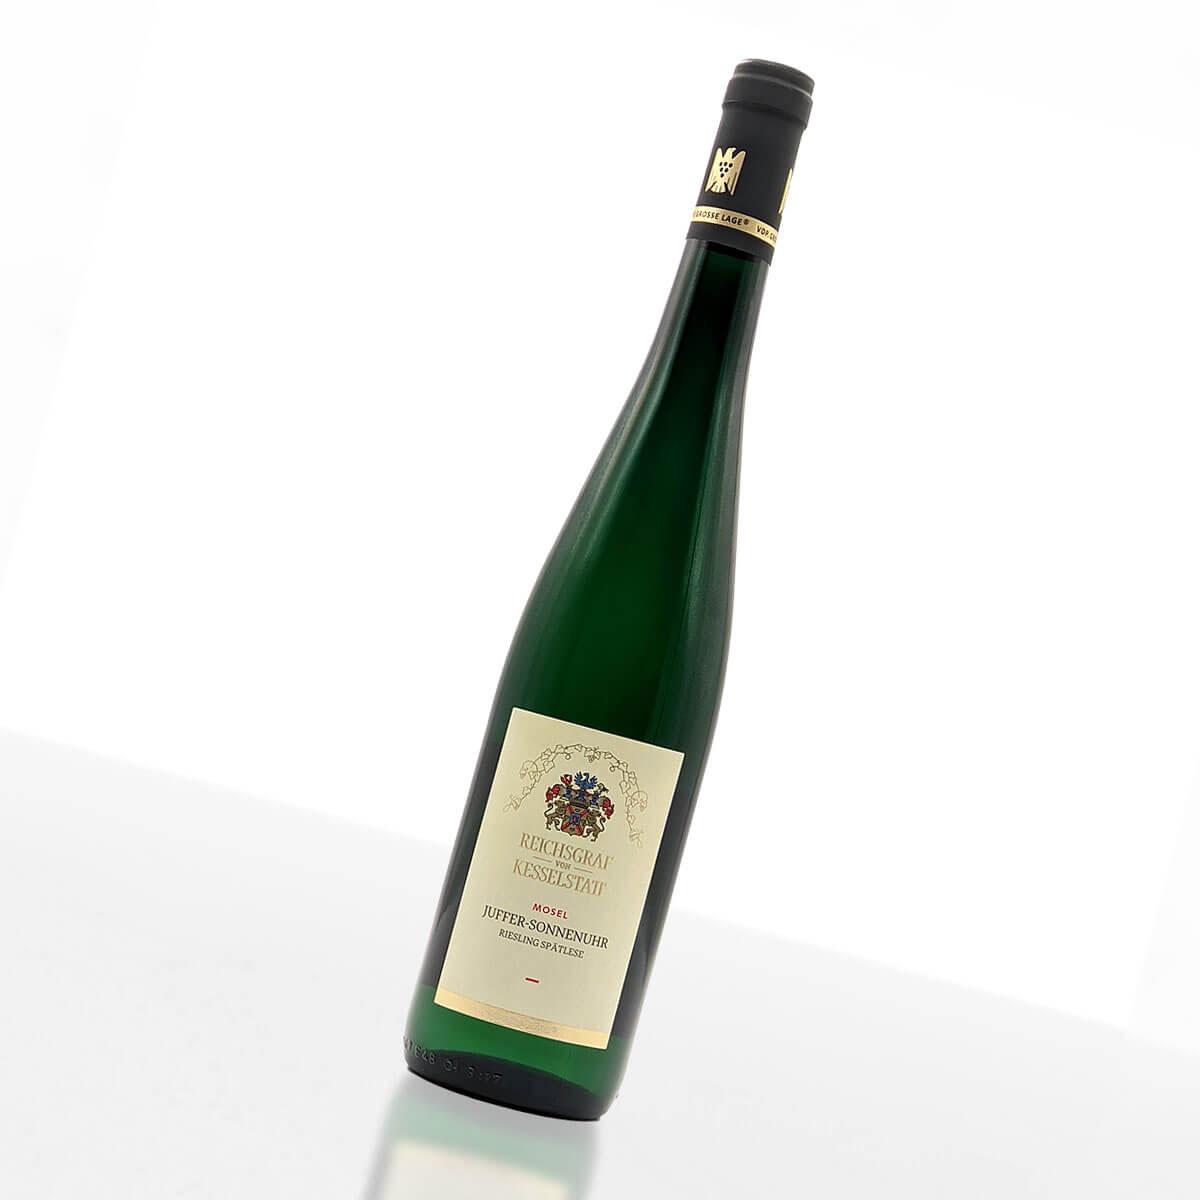 2018er Brauneberger Juffer-Sonnenuhr Riesling Spätlese • Weingut Reichsgraf von Kesselstatt